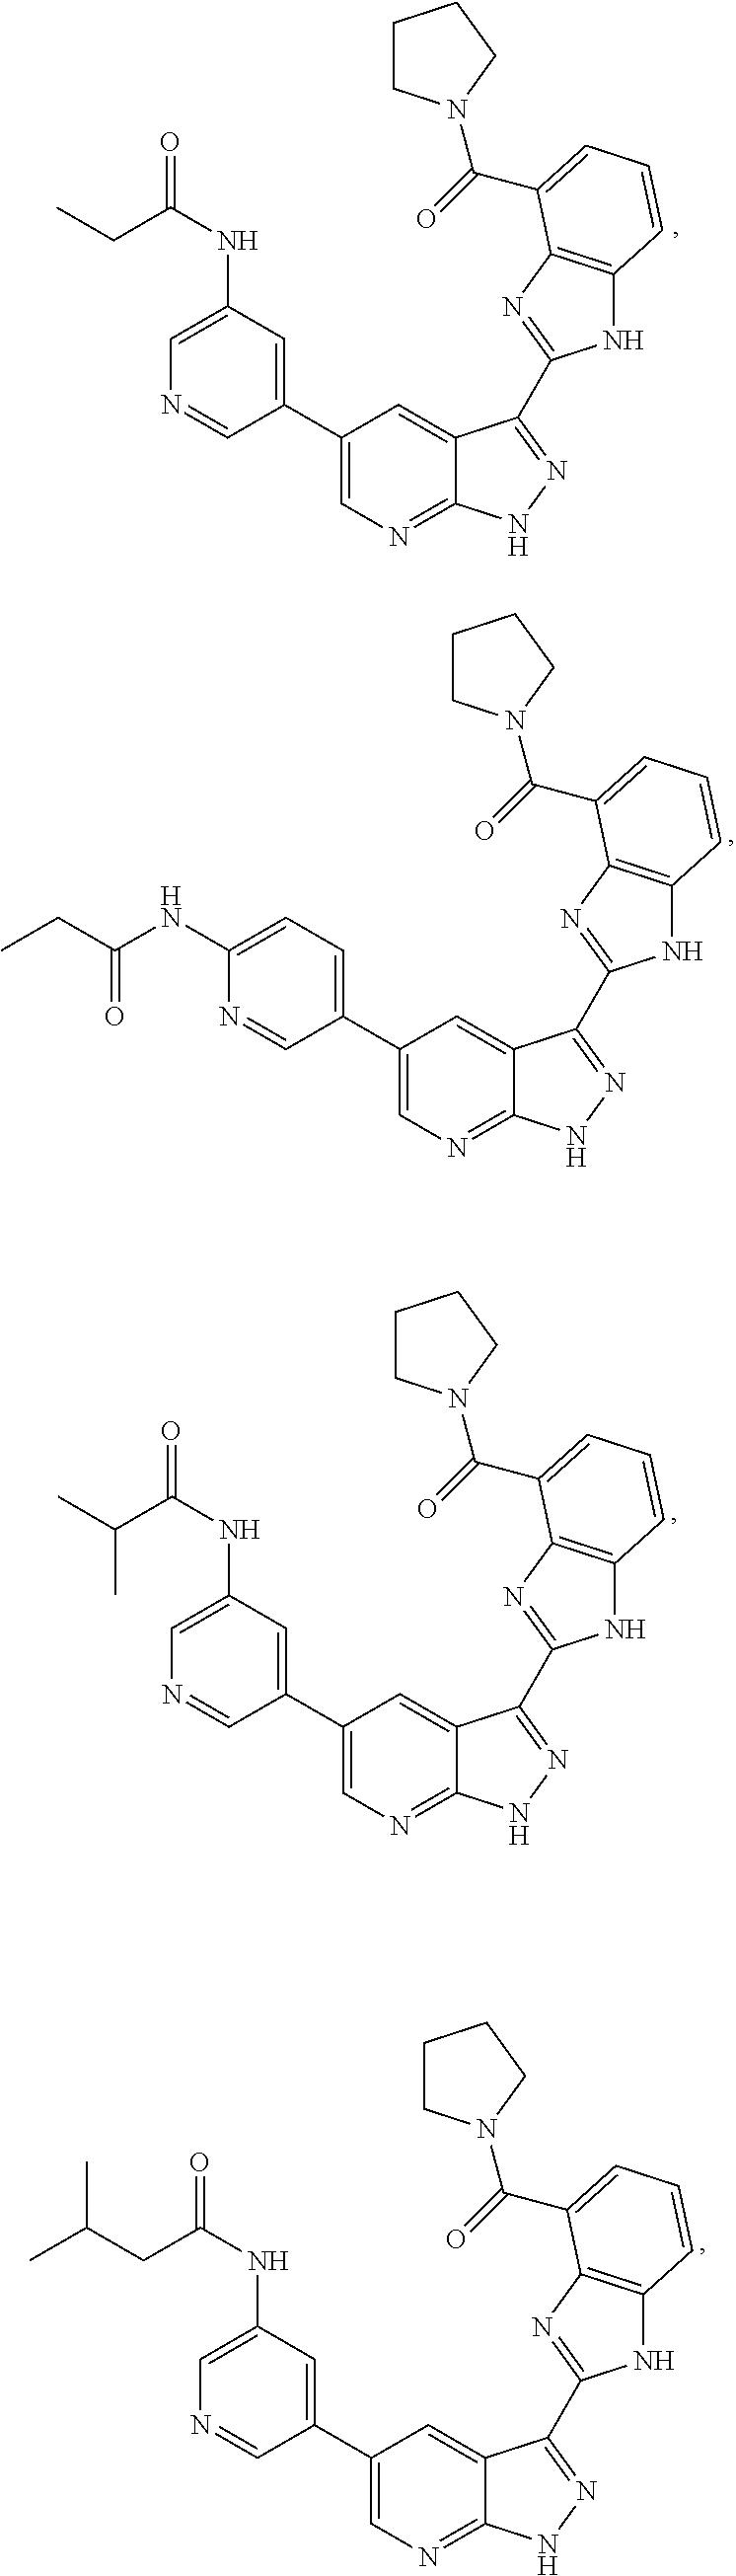 Figure US08618128-20131231-C00054